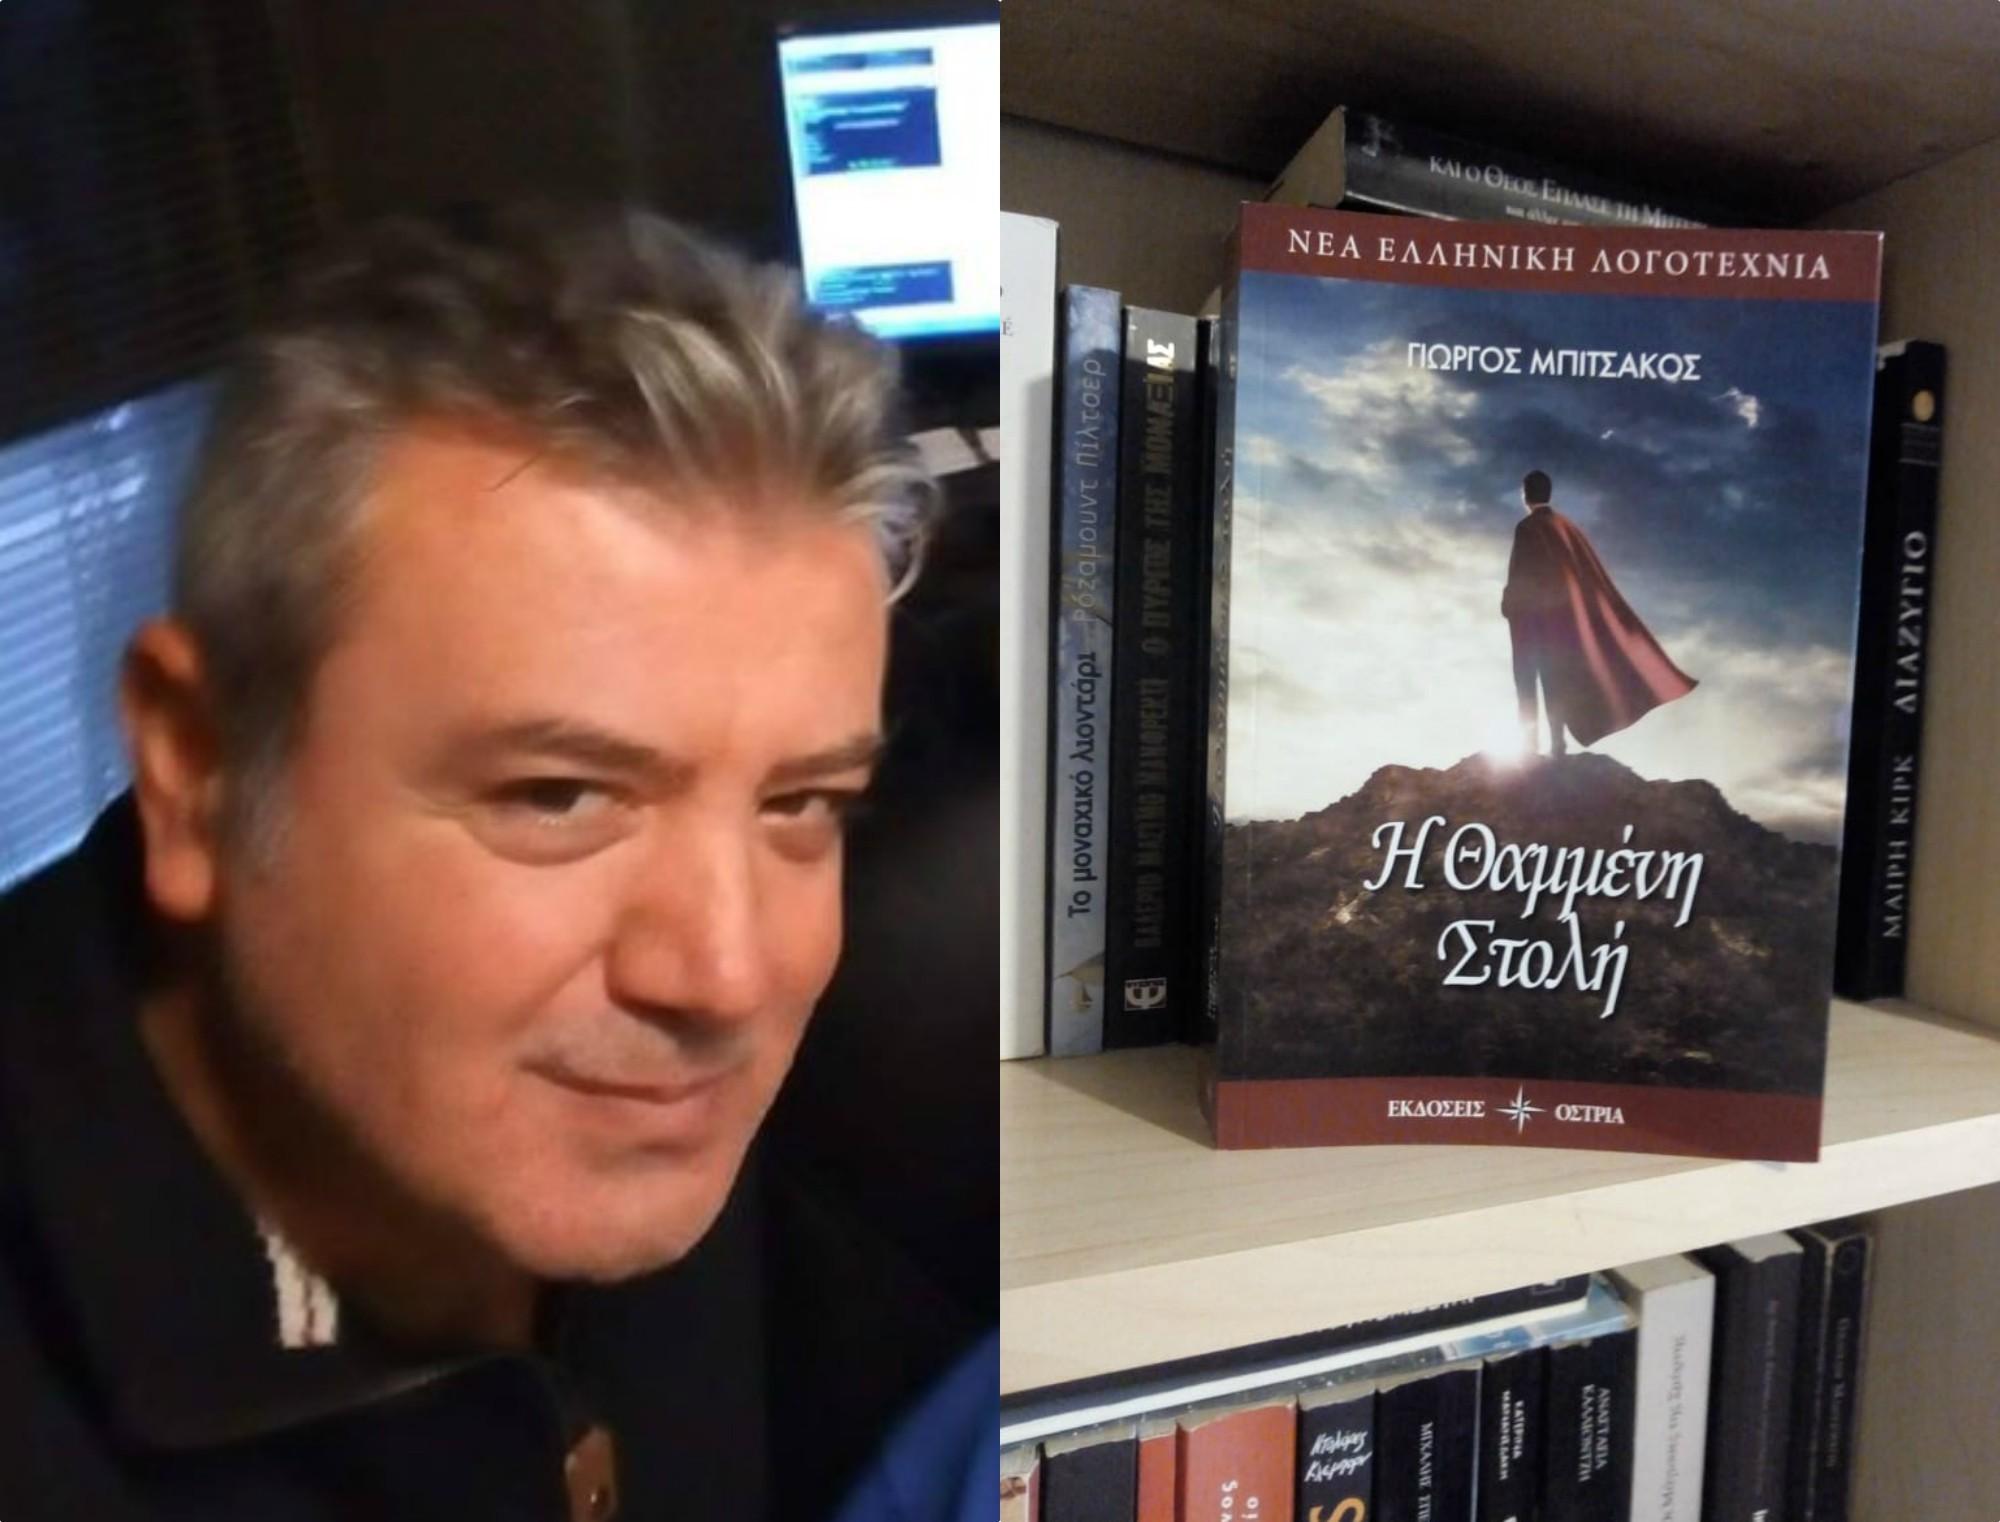 3 νέοι συγγραφείς της Θεσσαλονίκης ... αυτοσυστήνονται!